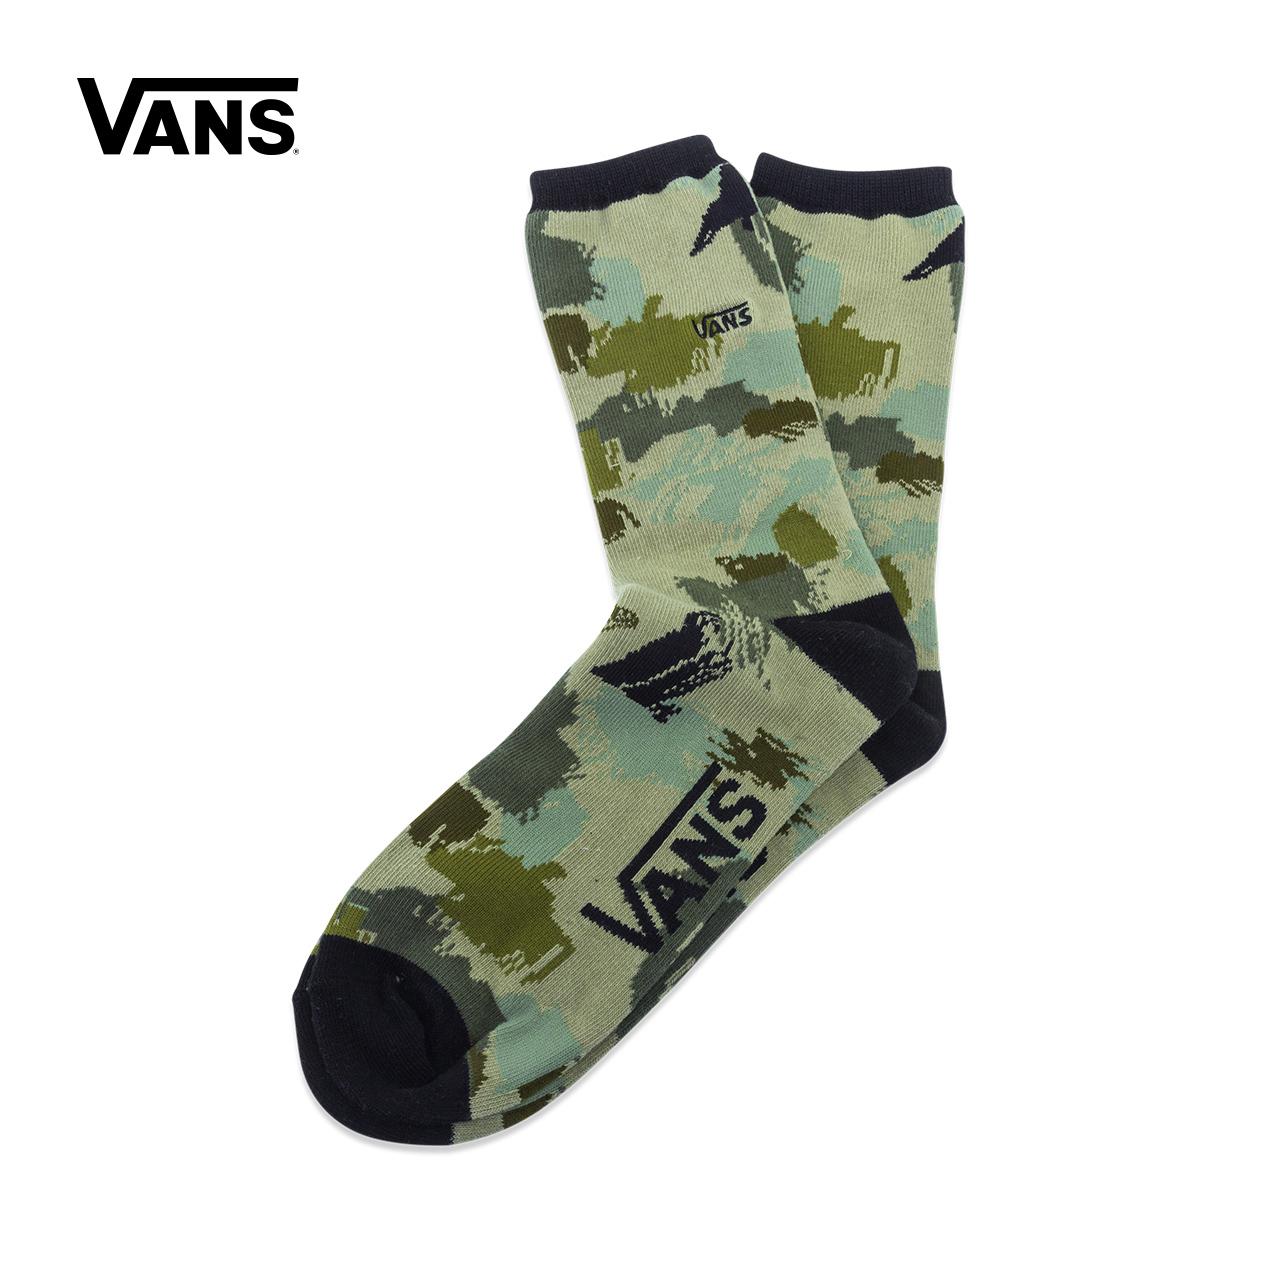 Vans/ модель этот весна камуфляж печать мужской носки |VN0A3DBFPSY